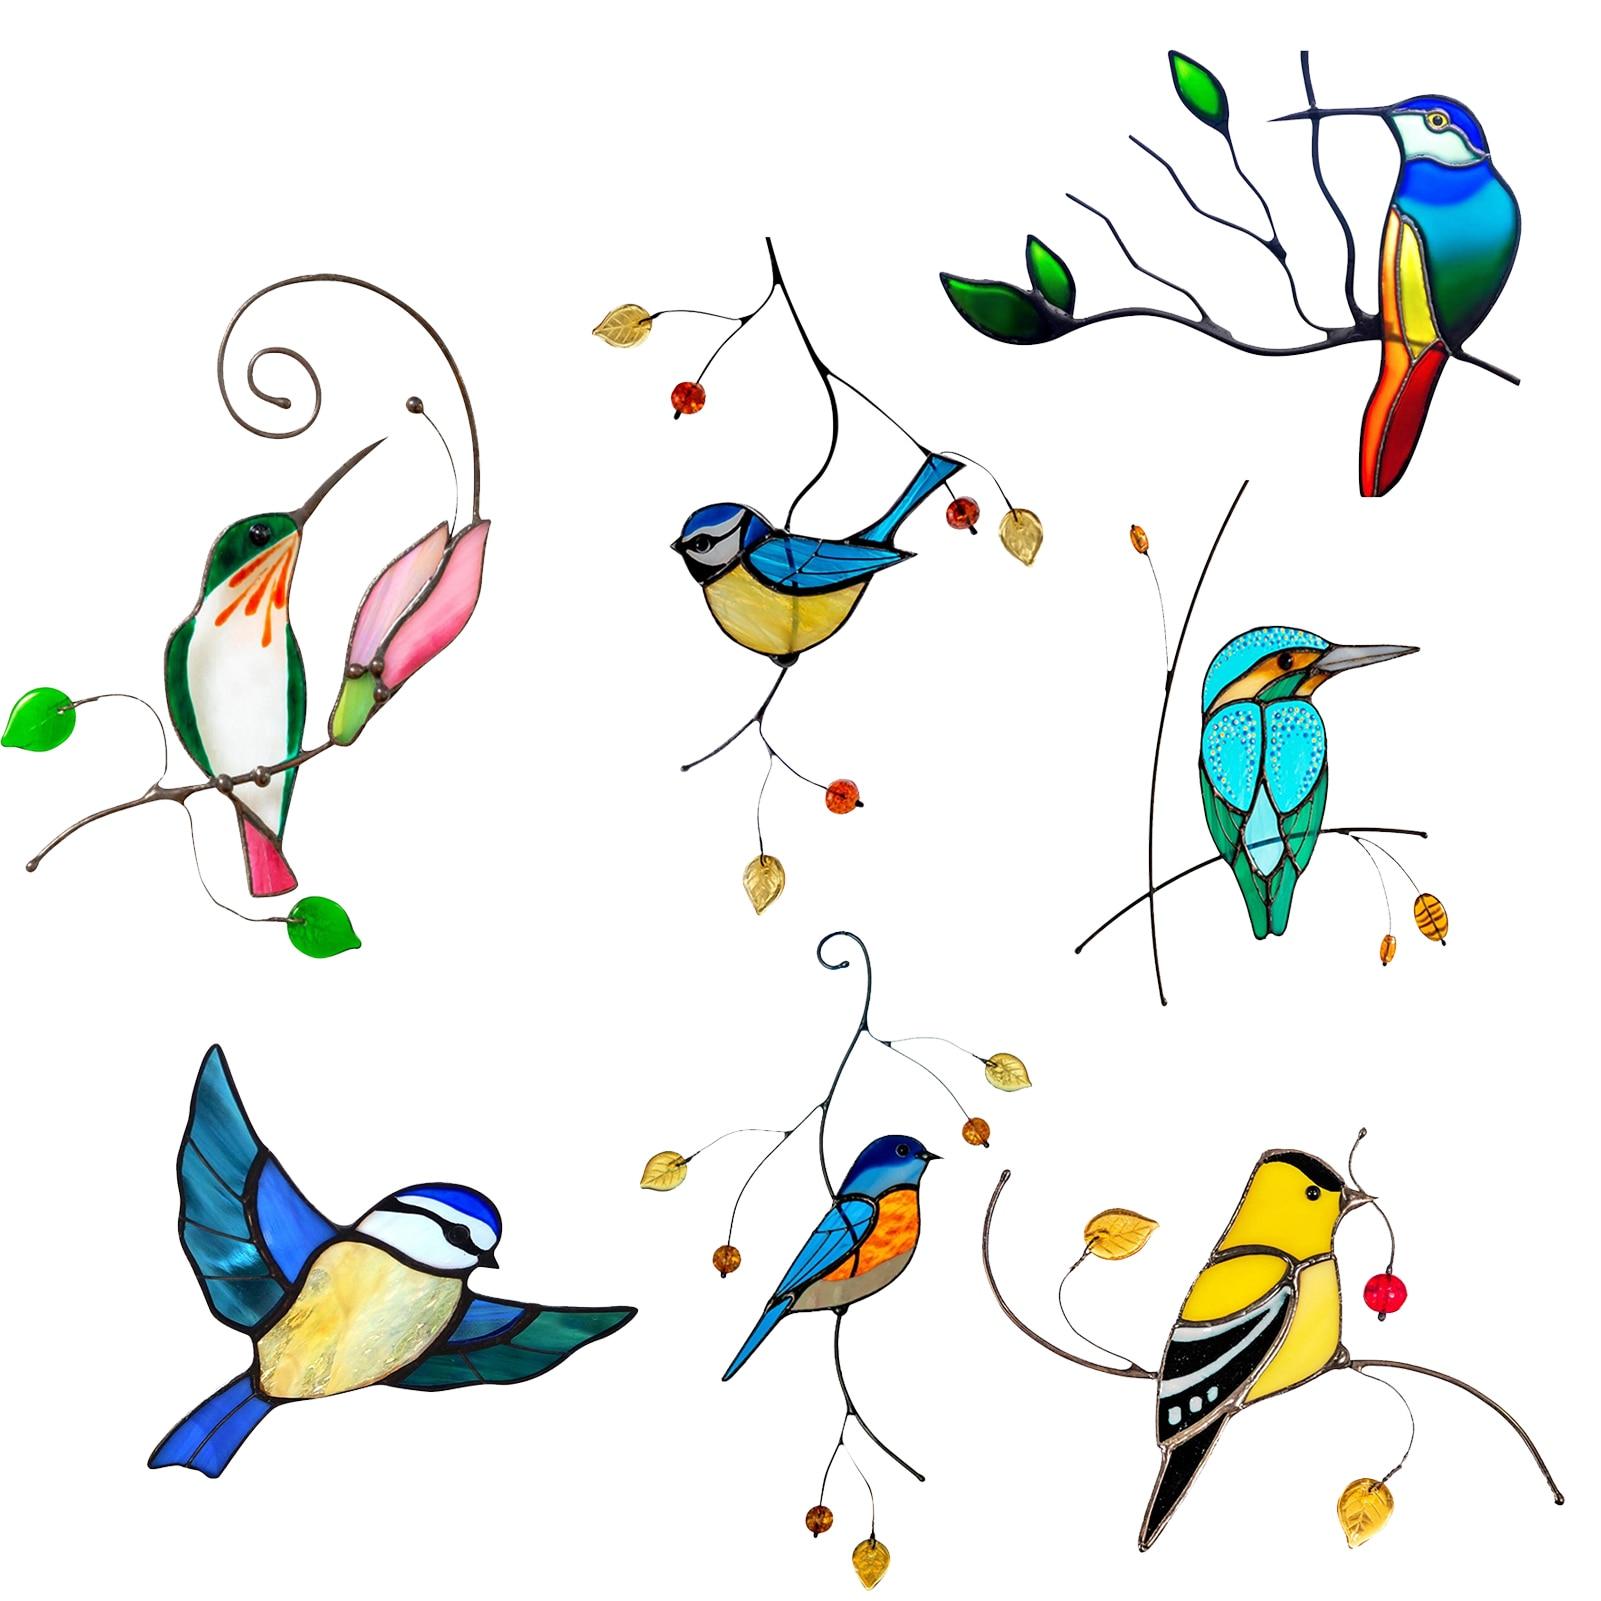 7 шт. пятно Стекло окна портьеры птица настенные наклейки с дизайном «птицы» домашнего декора с милой пандой 3D Автомобильные Наклейки на стены Гостиная украшения домашнего декора